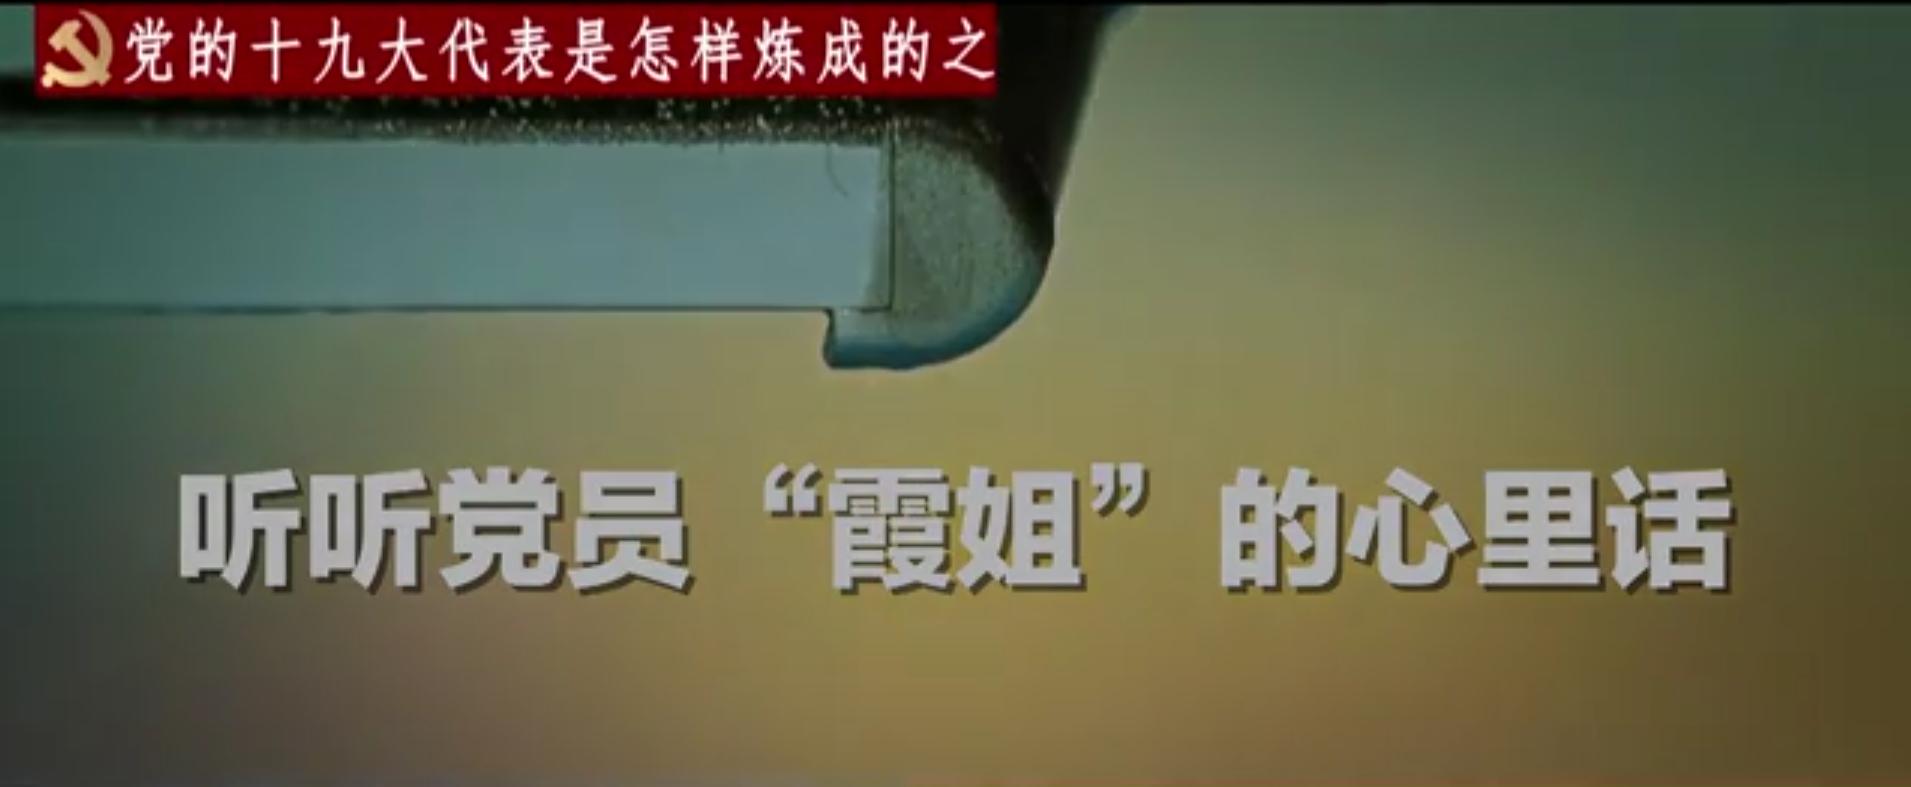 【十九大代表风采】吴敏霞:跳水...